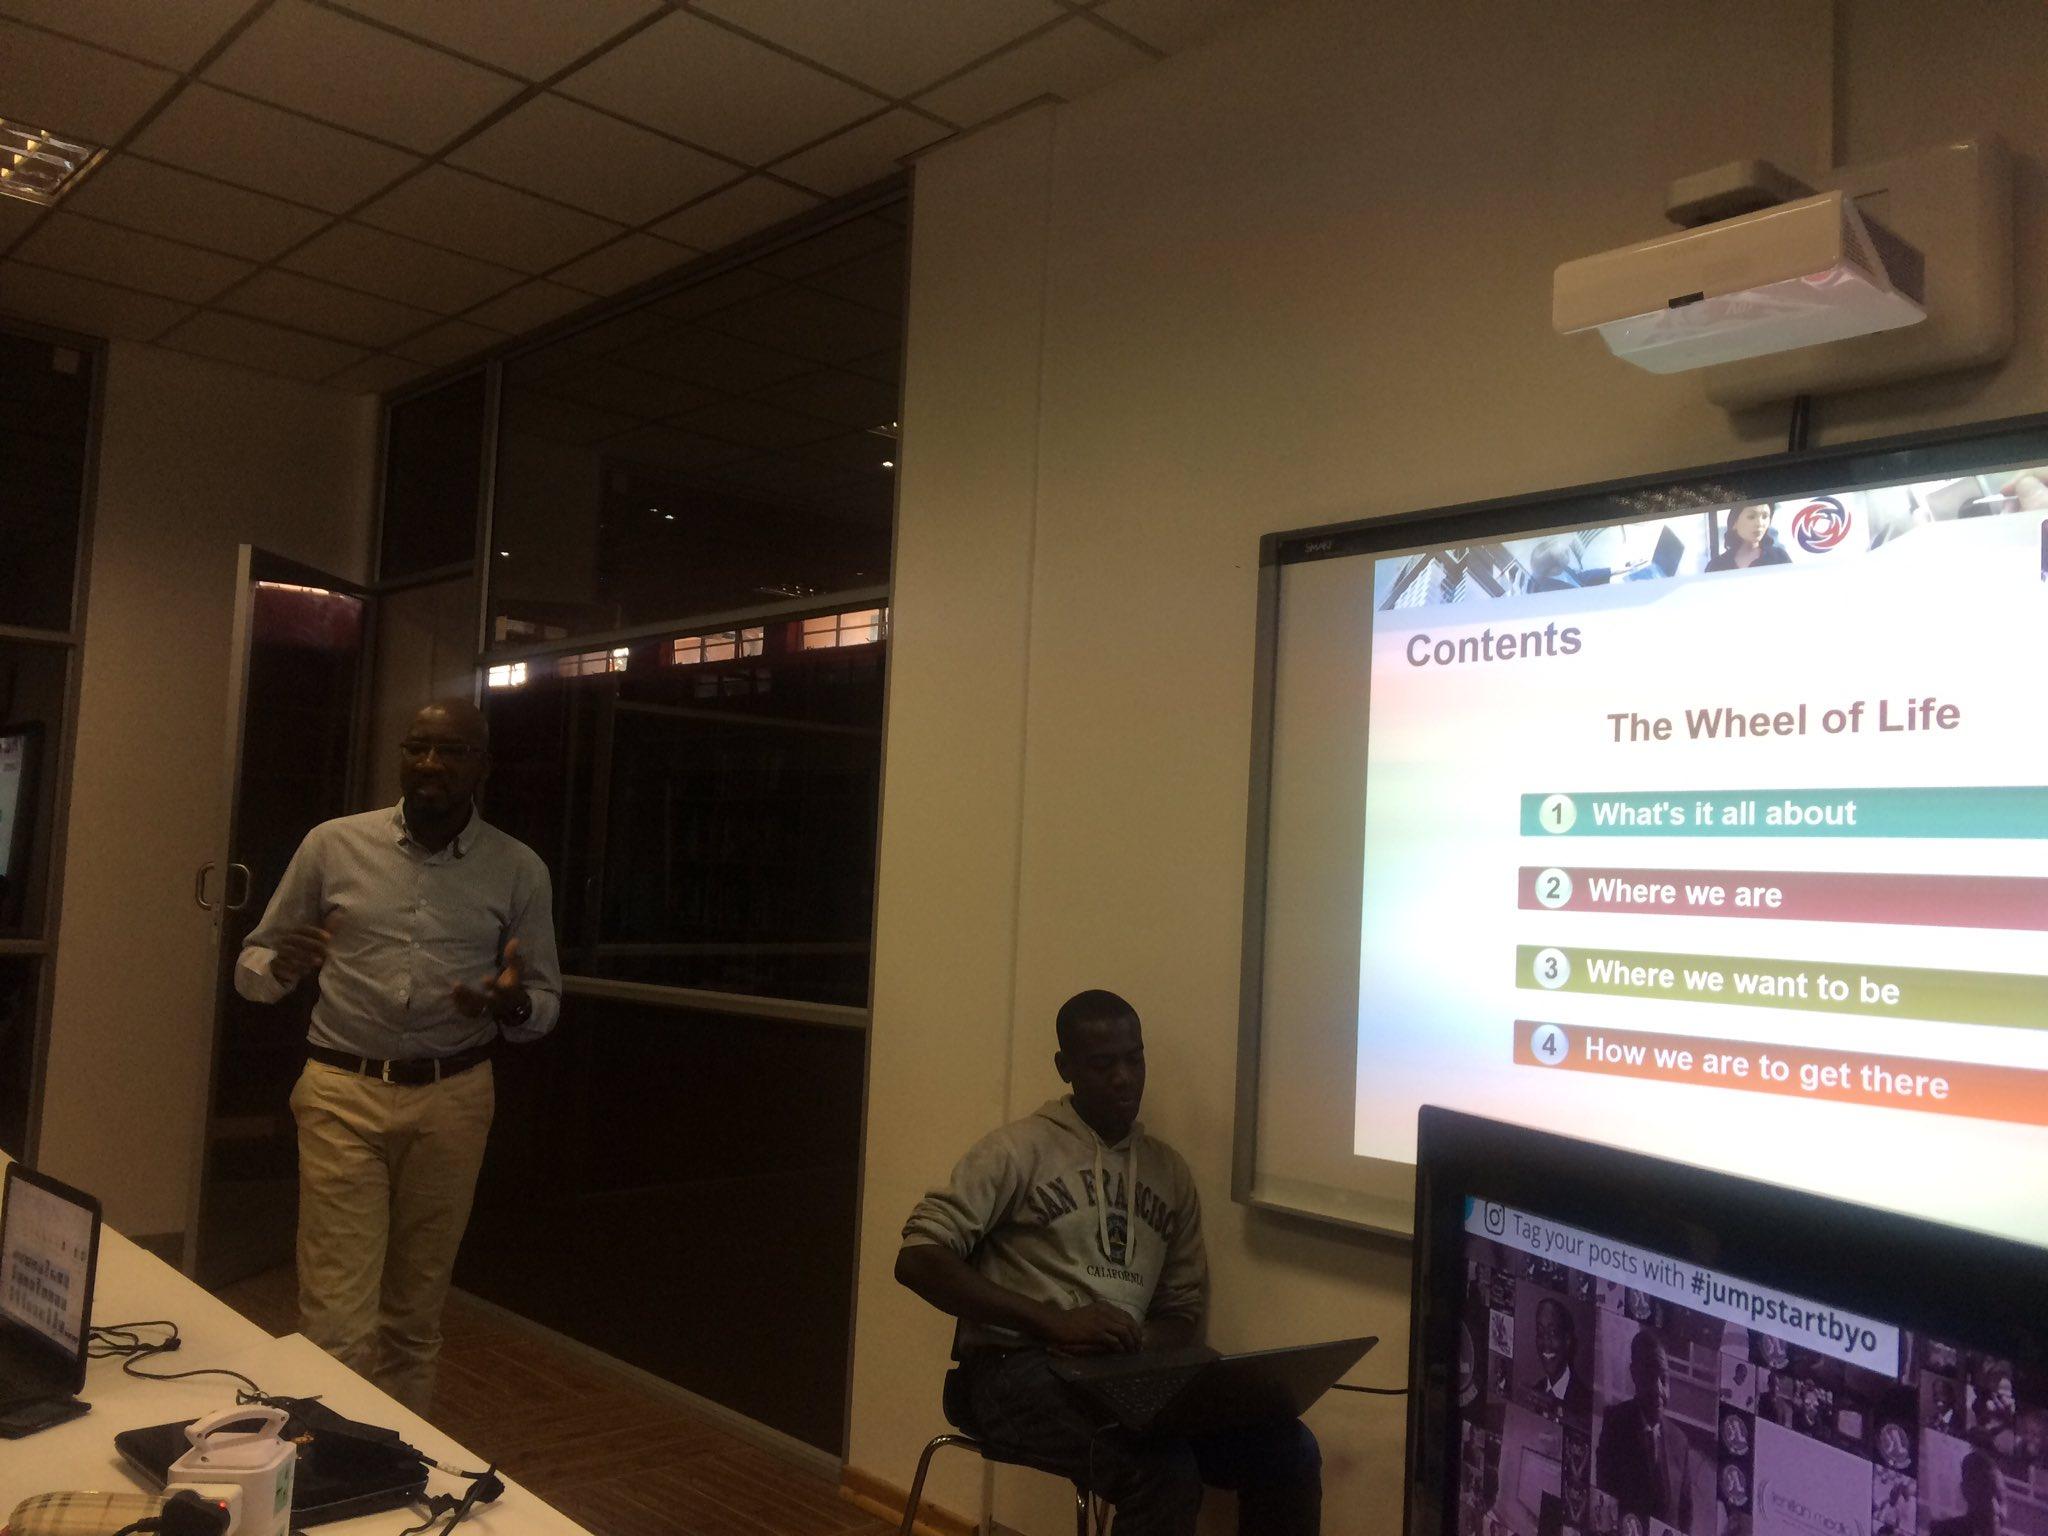 finance for an enterprise start with personal finance Andrew Chikomba #jumpstartbyo https://t.co/q7Fe0cEJOr